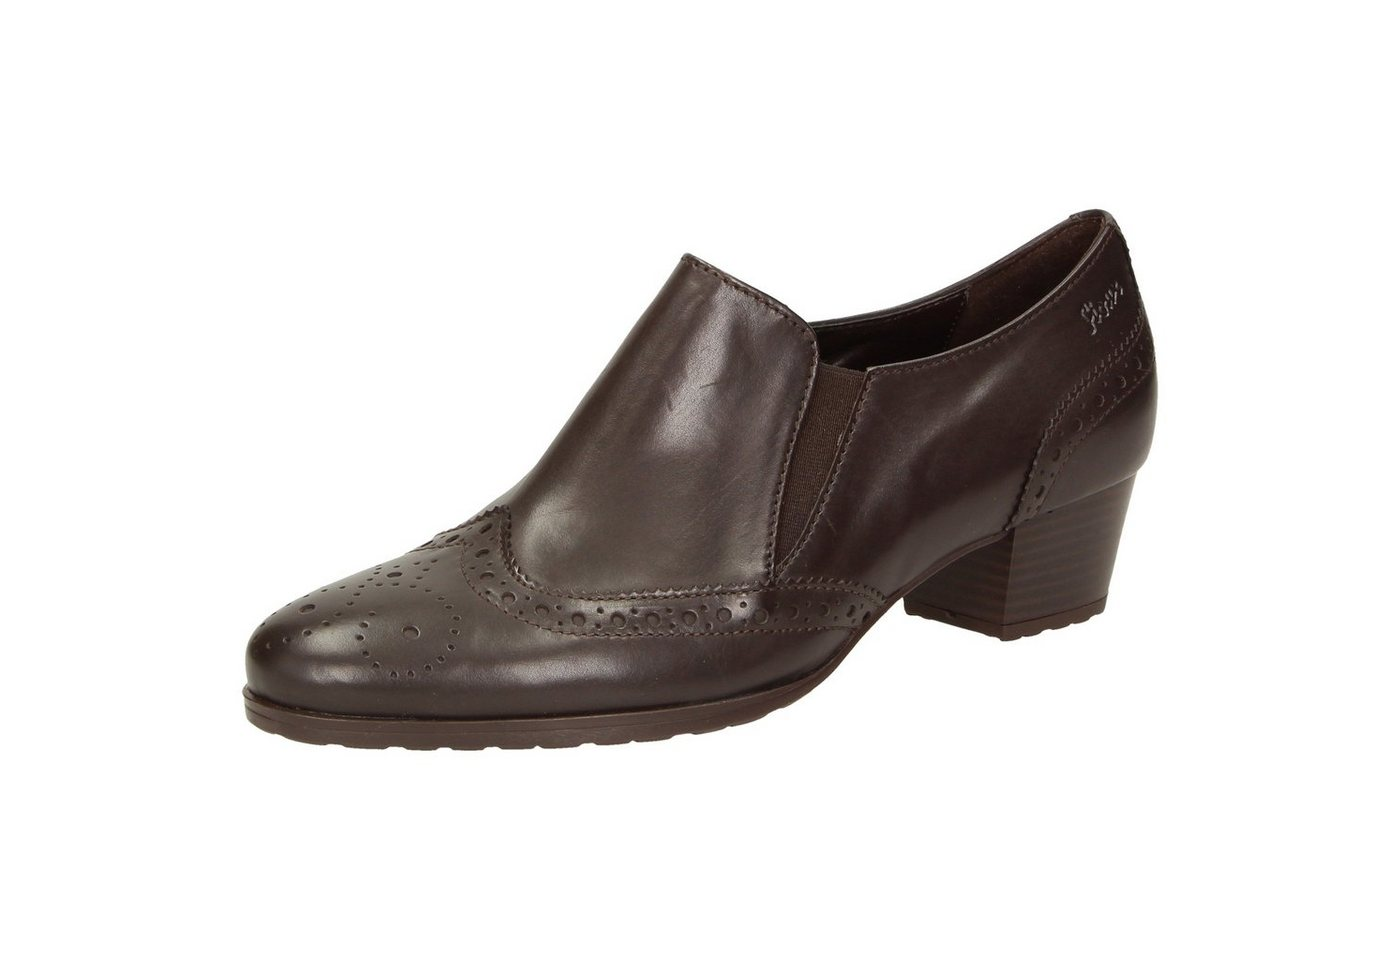 SIOUX »Fereila« Hochfrontpumps | Schuhe > Pumps > Hochfrontpumps | Braun | SIOUX